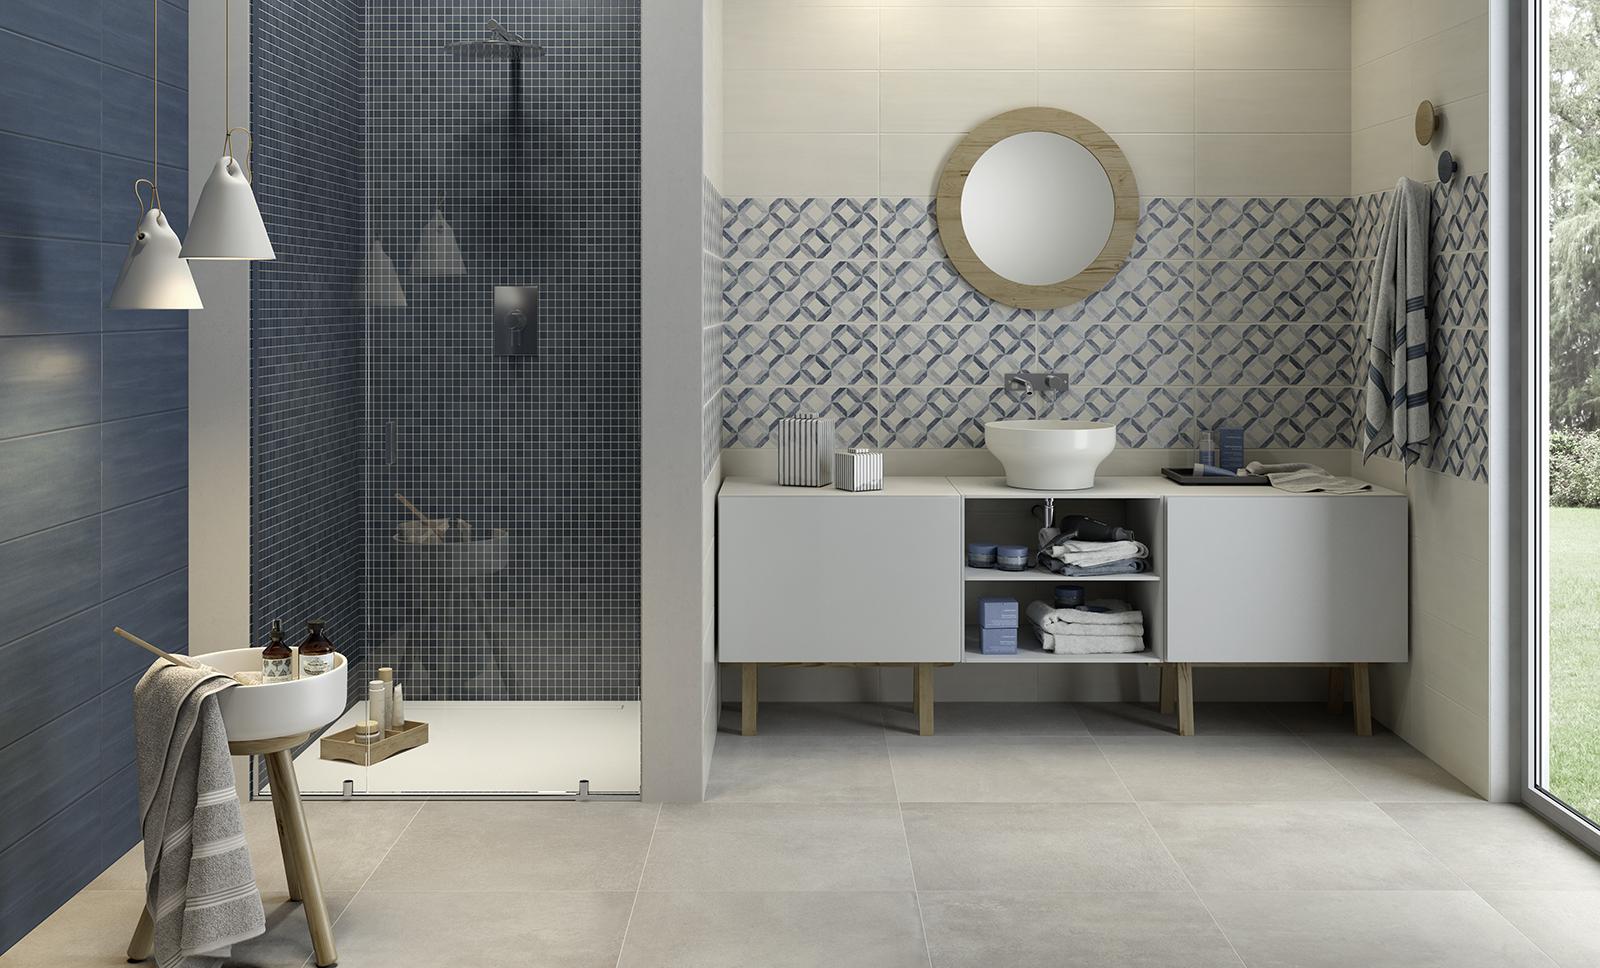 Piastrelle Marazzi Bagno | Mattonelle Per Bagno: Ceramica E Gres ...